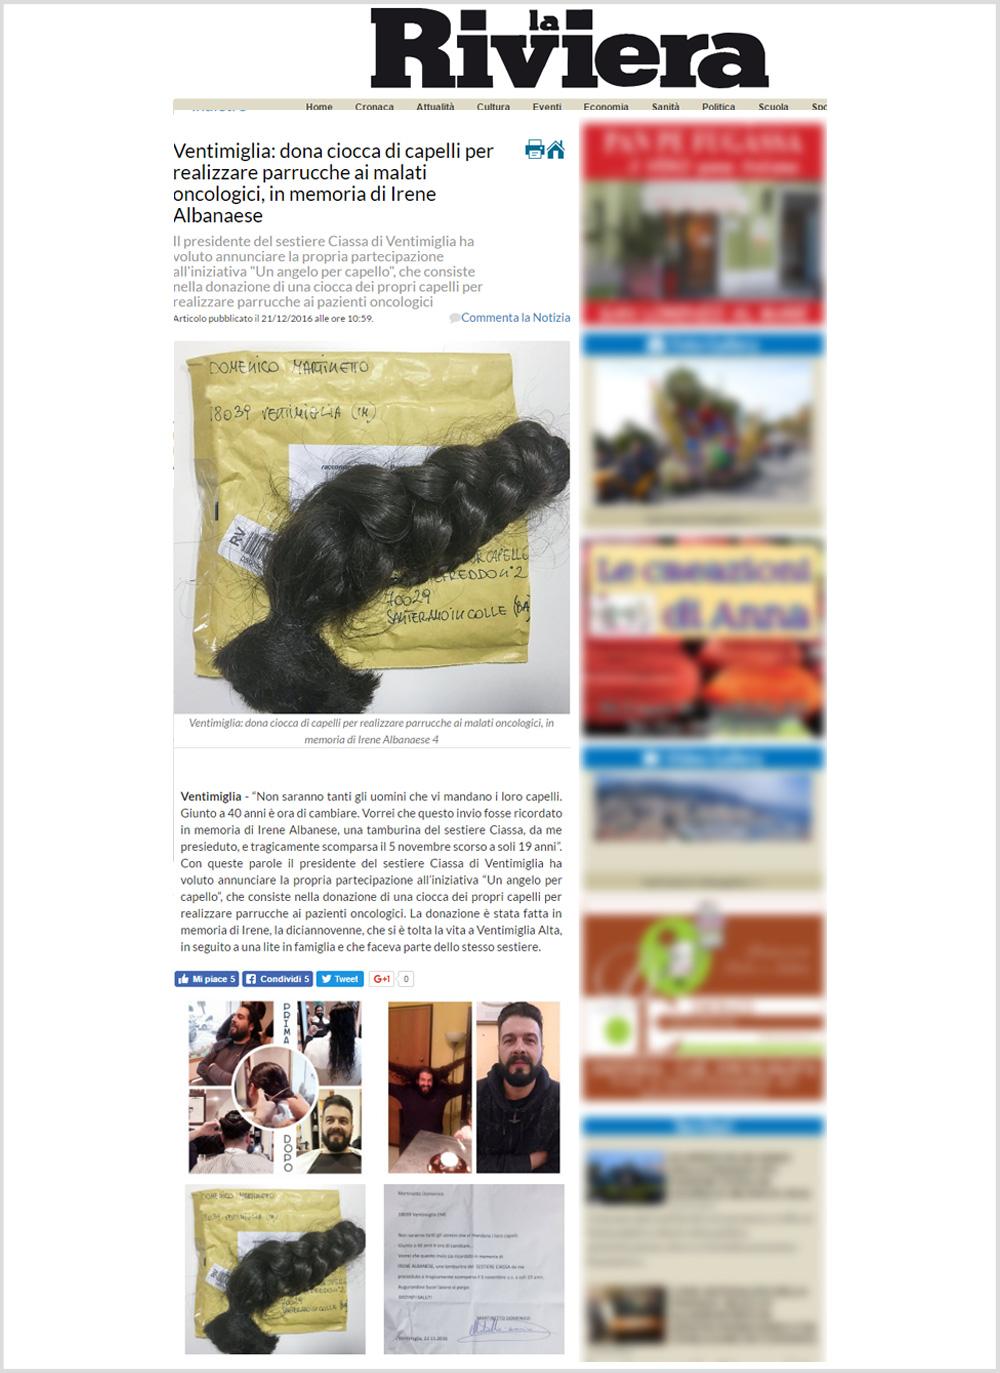 lariviera-articoli